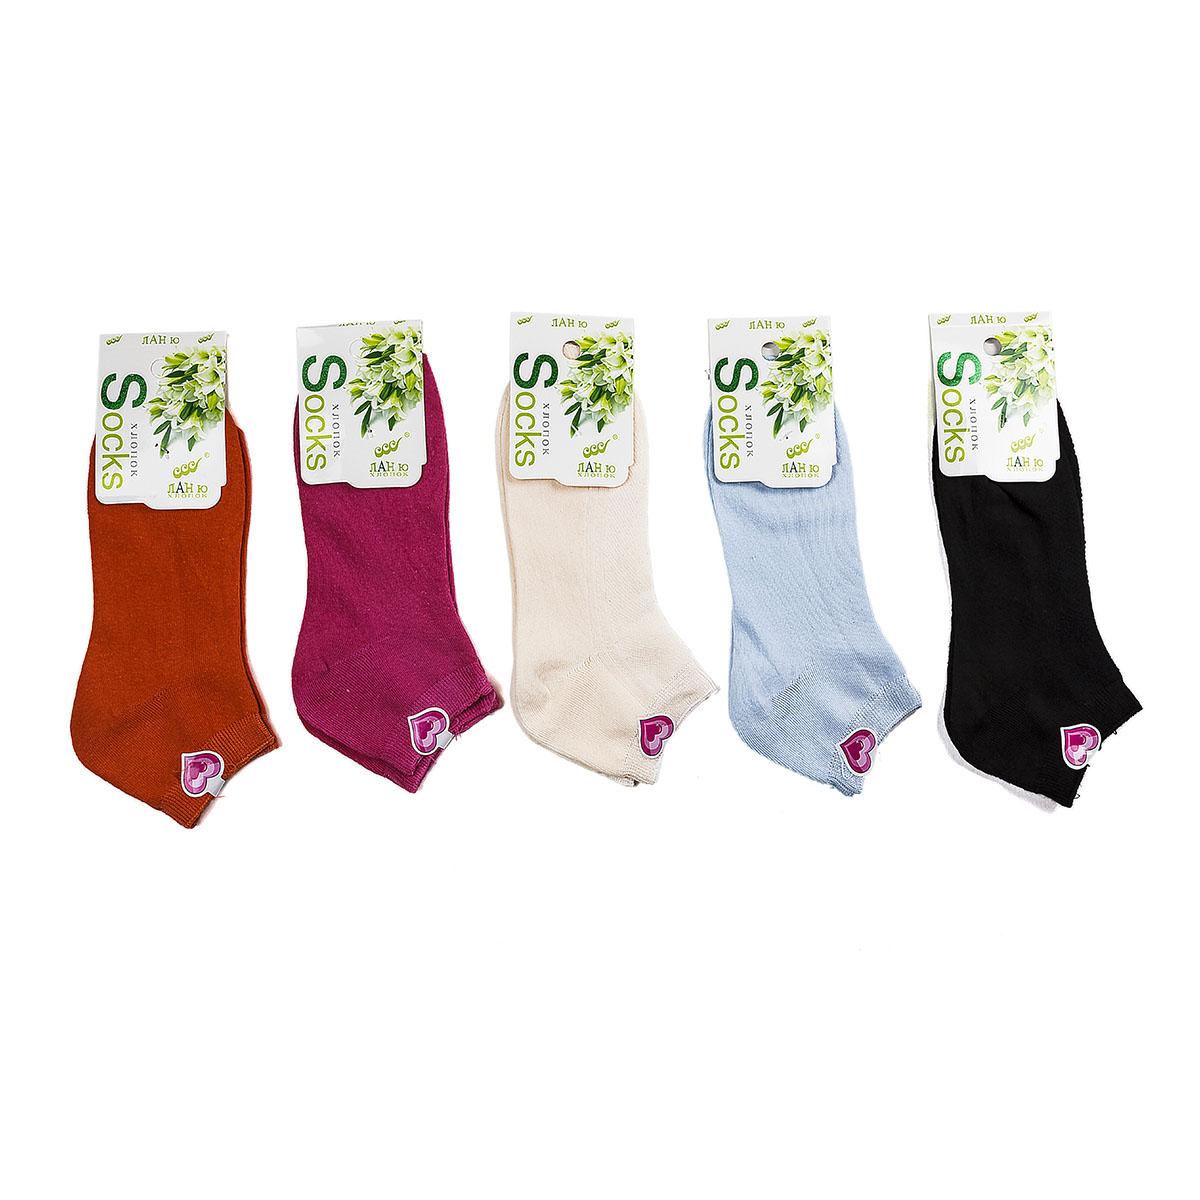 Носки женские «Ланю», цвет СиреневыйНоски и чулки<br><br><br>Тип: Жен. носки<br>Размер: 38-42<br>Материал: Трикотаж